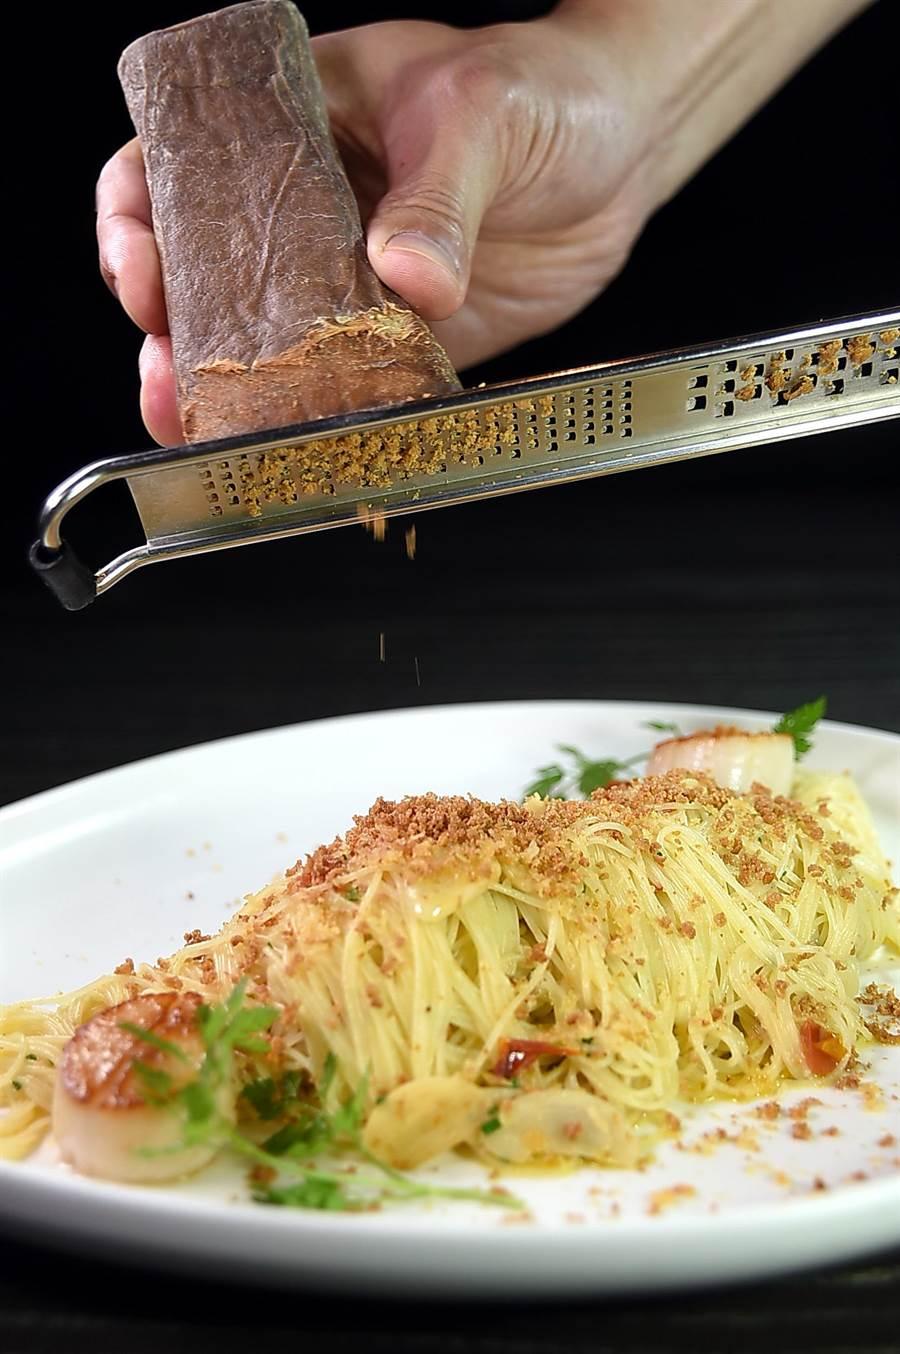 寒舍艾麗酒店的〈La Farfalla〉餐廳轉型為單點餐廳後,食材用料與服務同步升級,客人可以嘗到主廚在桌邊現刨義大利風乾鮪魚卵提味增香的〈北海道干貝薩丁尼亞魚卵天使麵〉。(圖/姚舜)